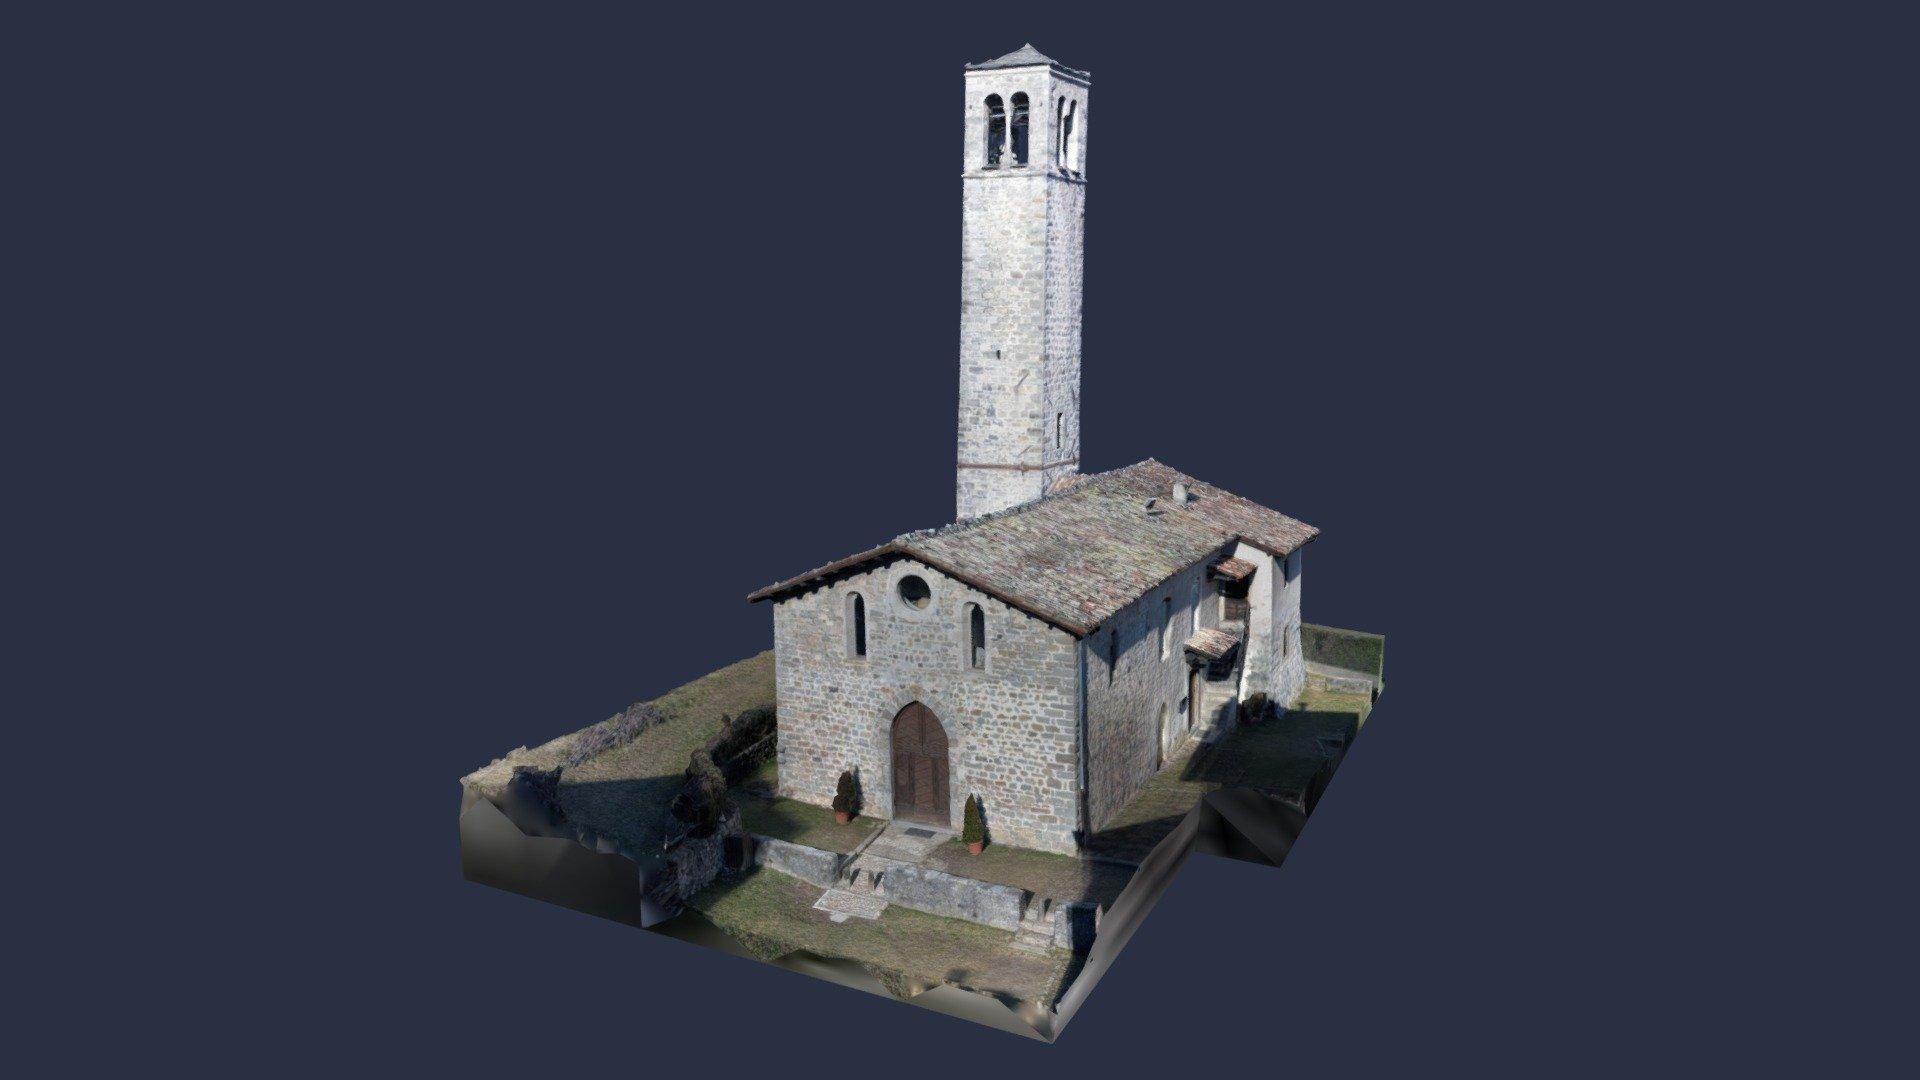 Chiesa Cornello Dei Tasso Bg 3d Model By Federico Risi